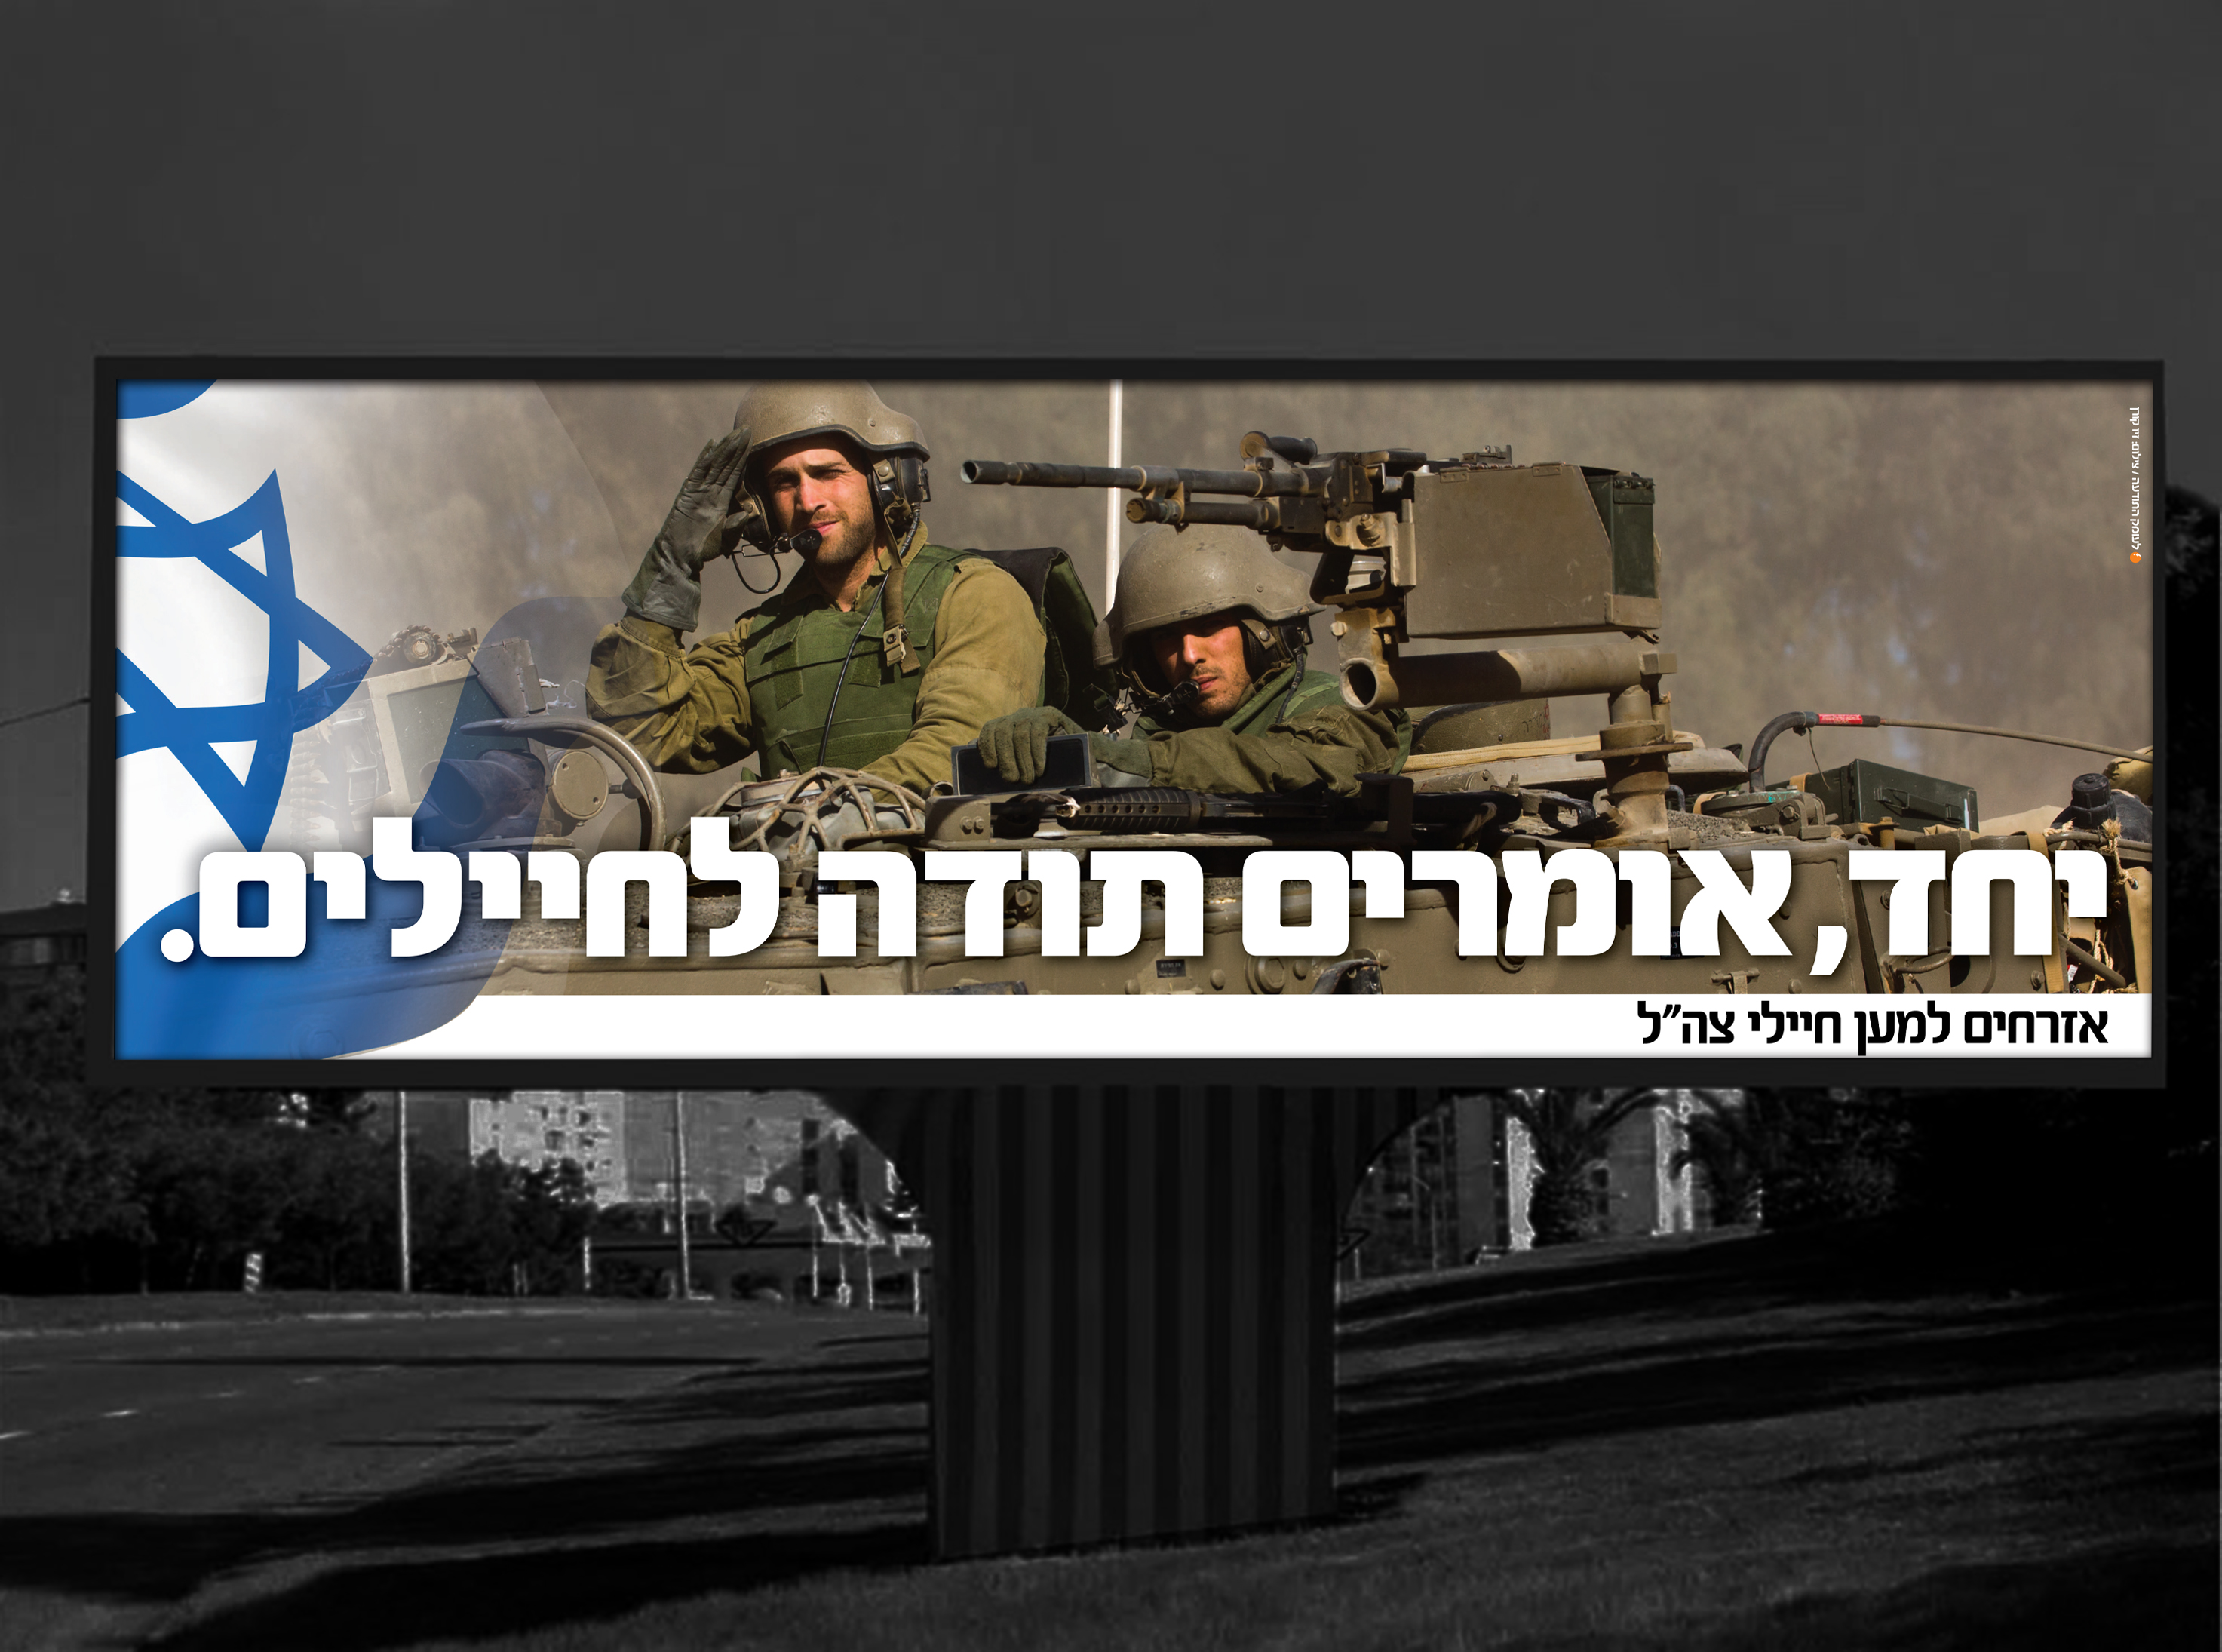 """מבצע צוק איתן: לעומק התודעה מודים לחיילי צה""""ל בקמפיין מרגש"""